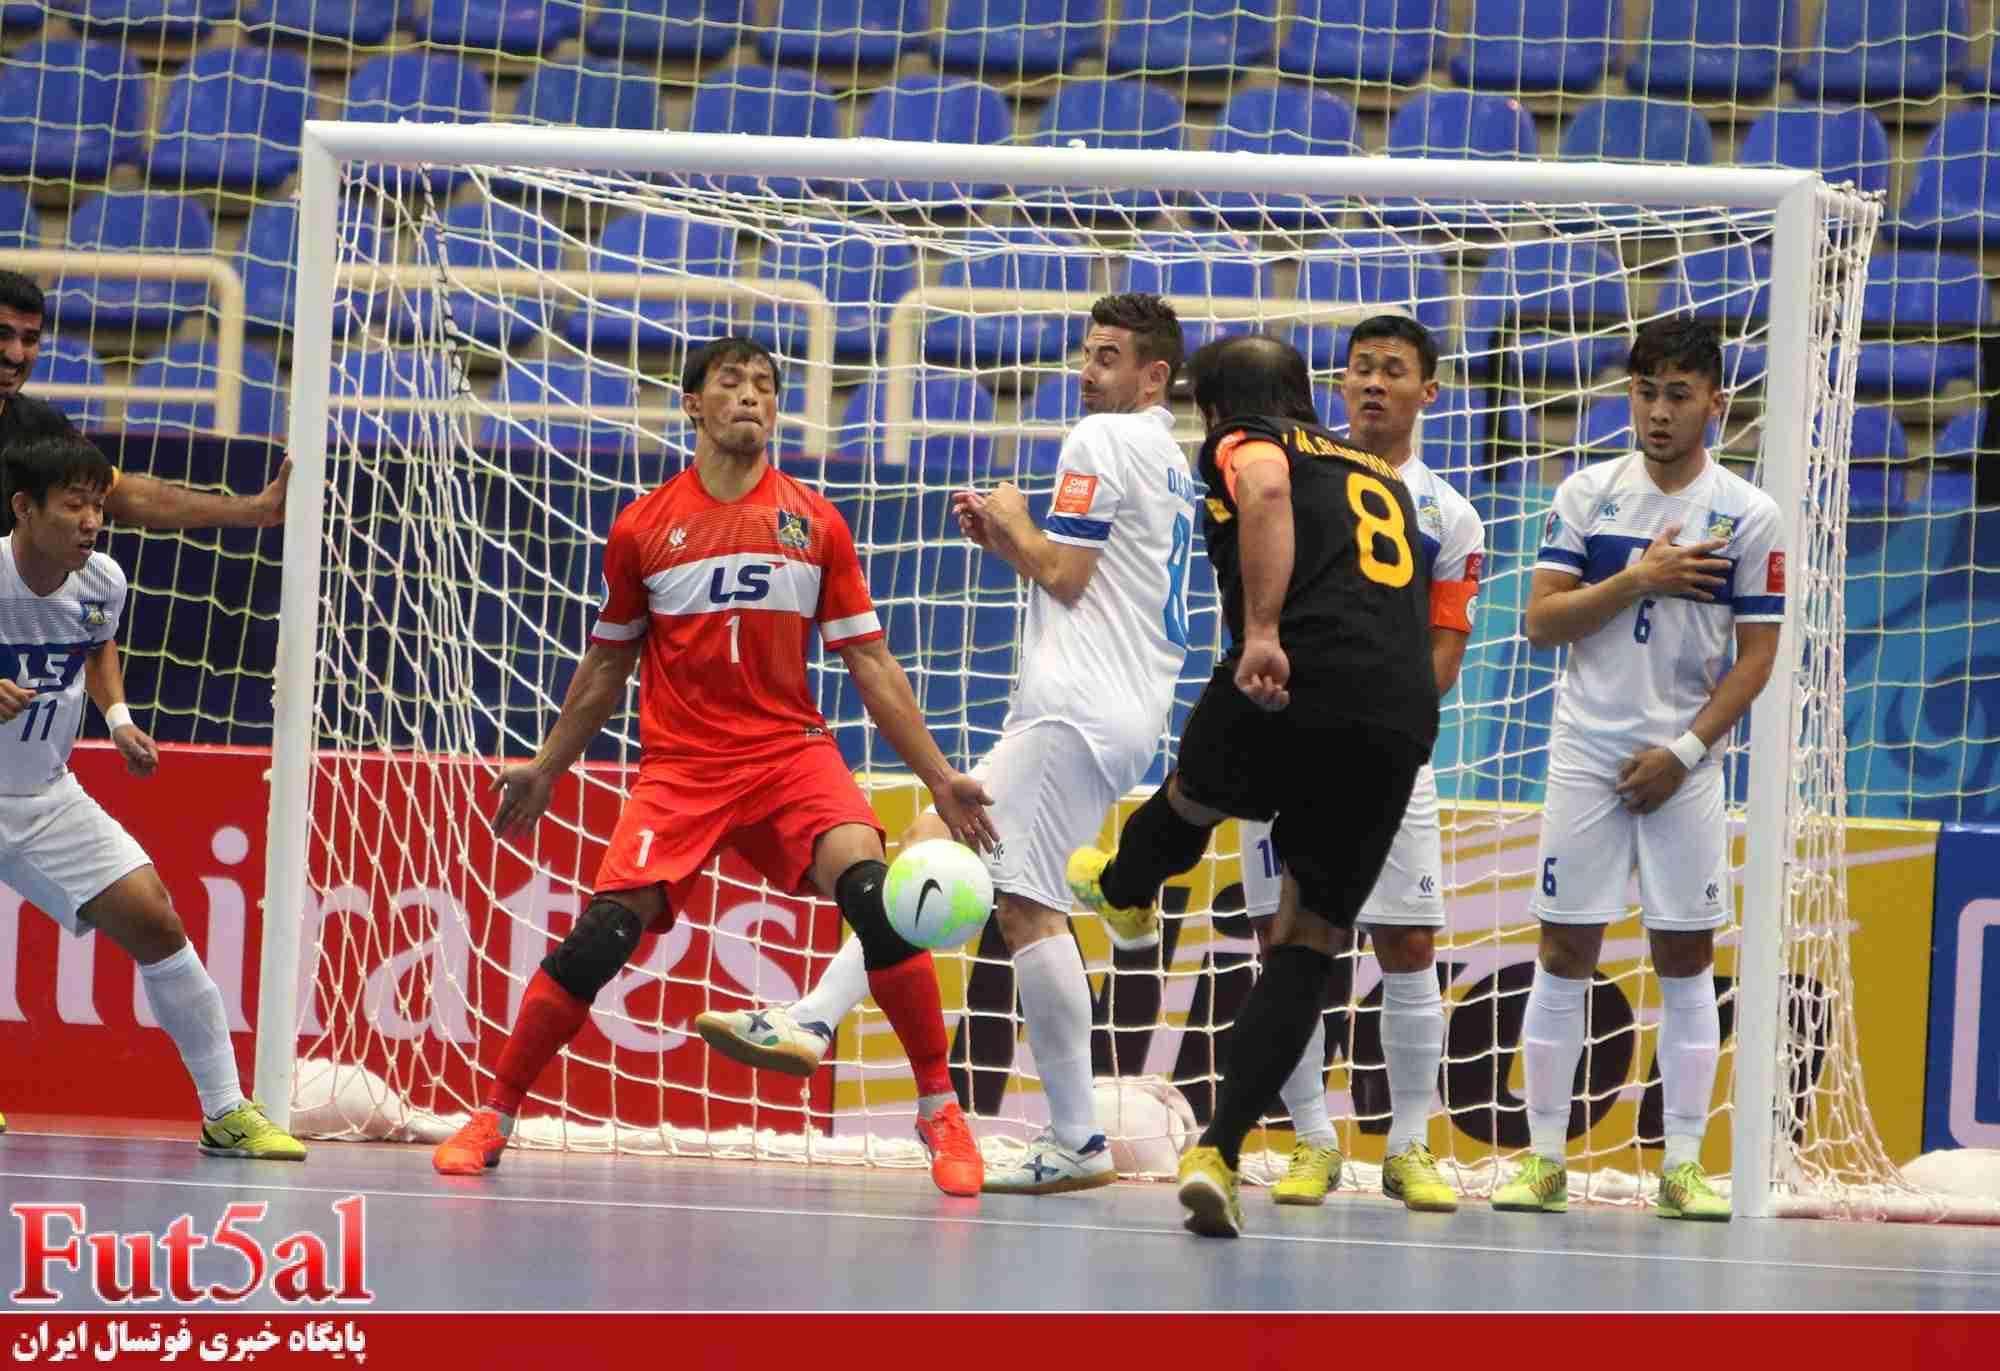 گزارش تصویری اختصاصی/بازی تیم های القادسیه کویت با تای سون نام ویتنام